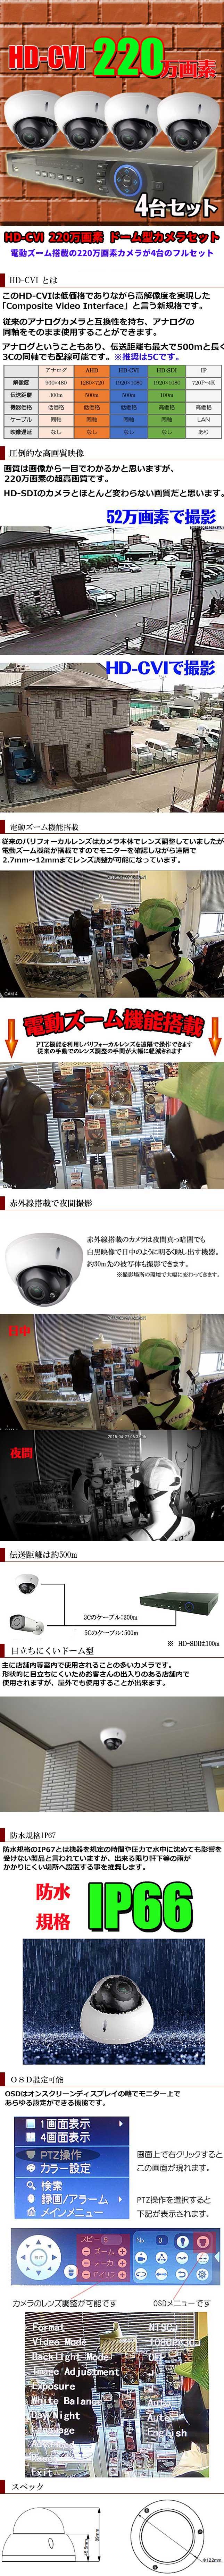 防犯カメラセット